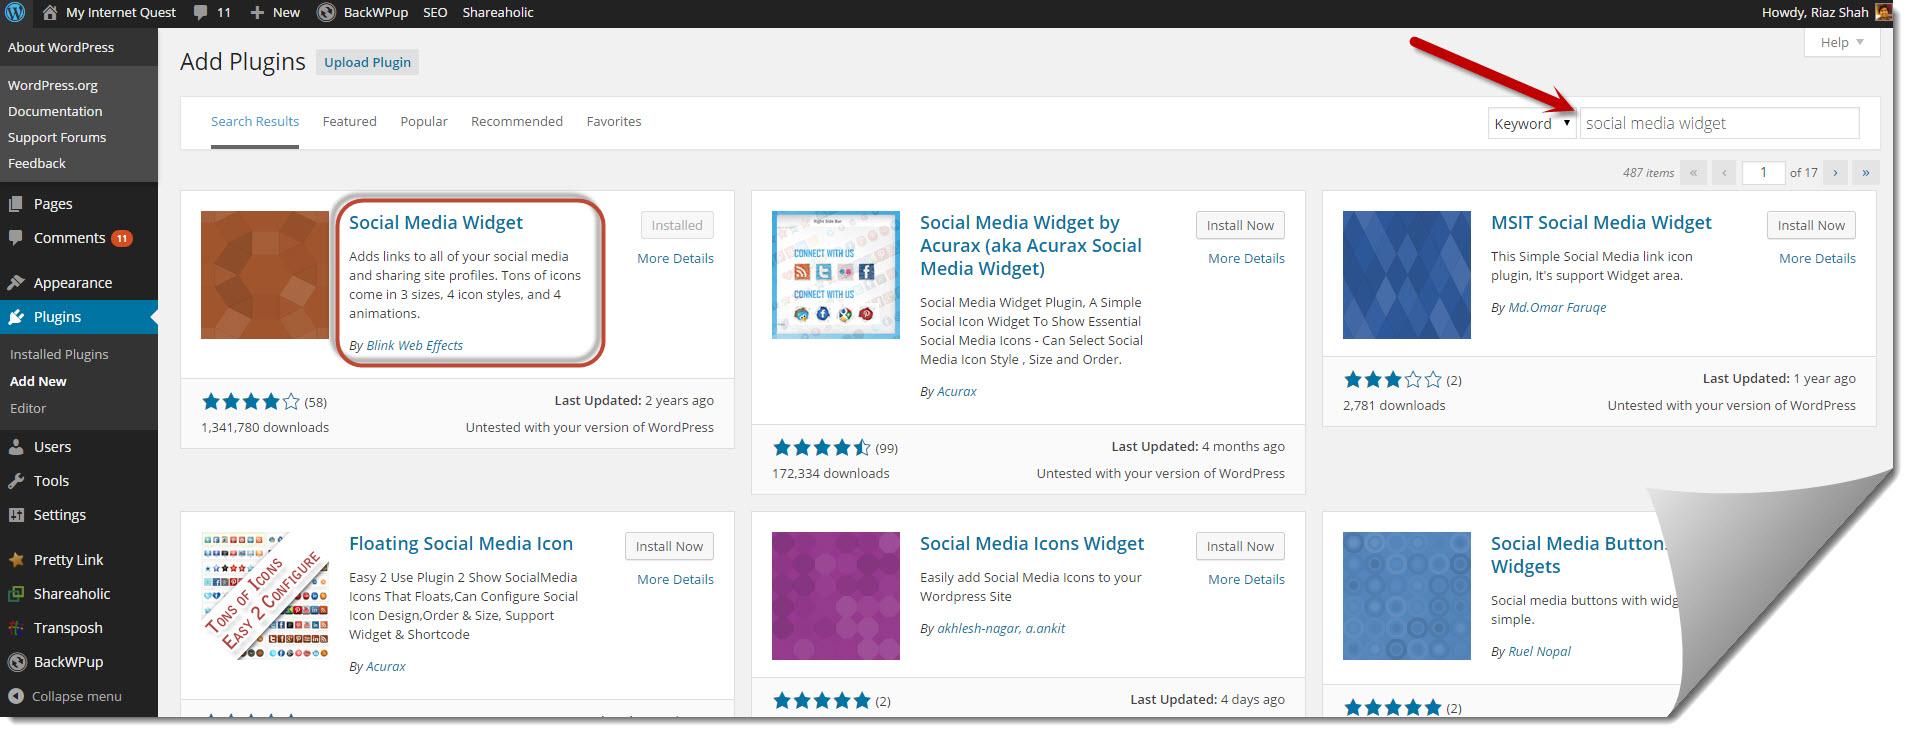 installing social media widget